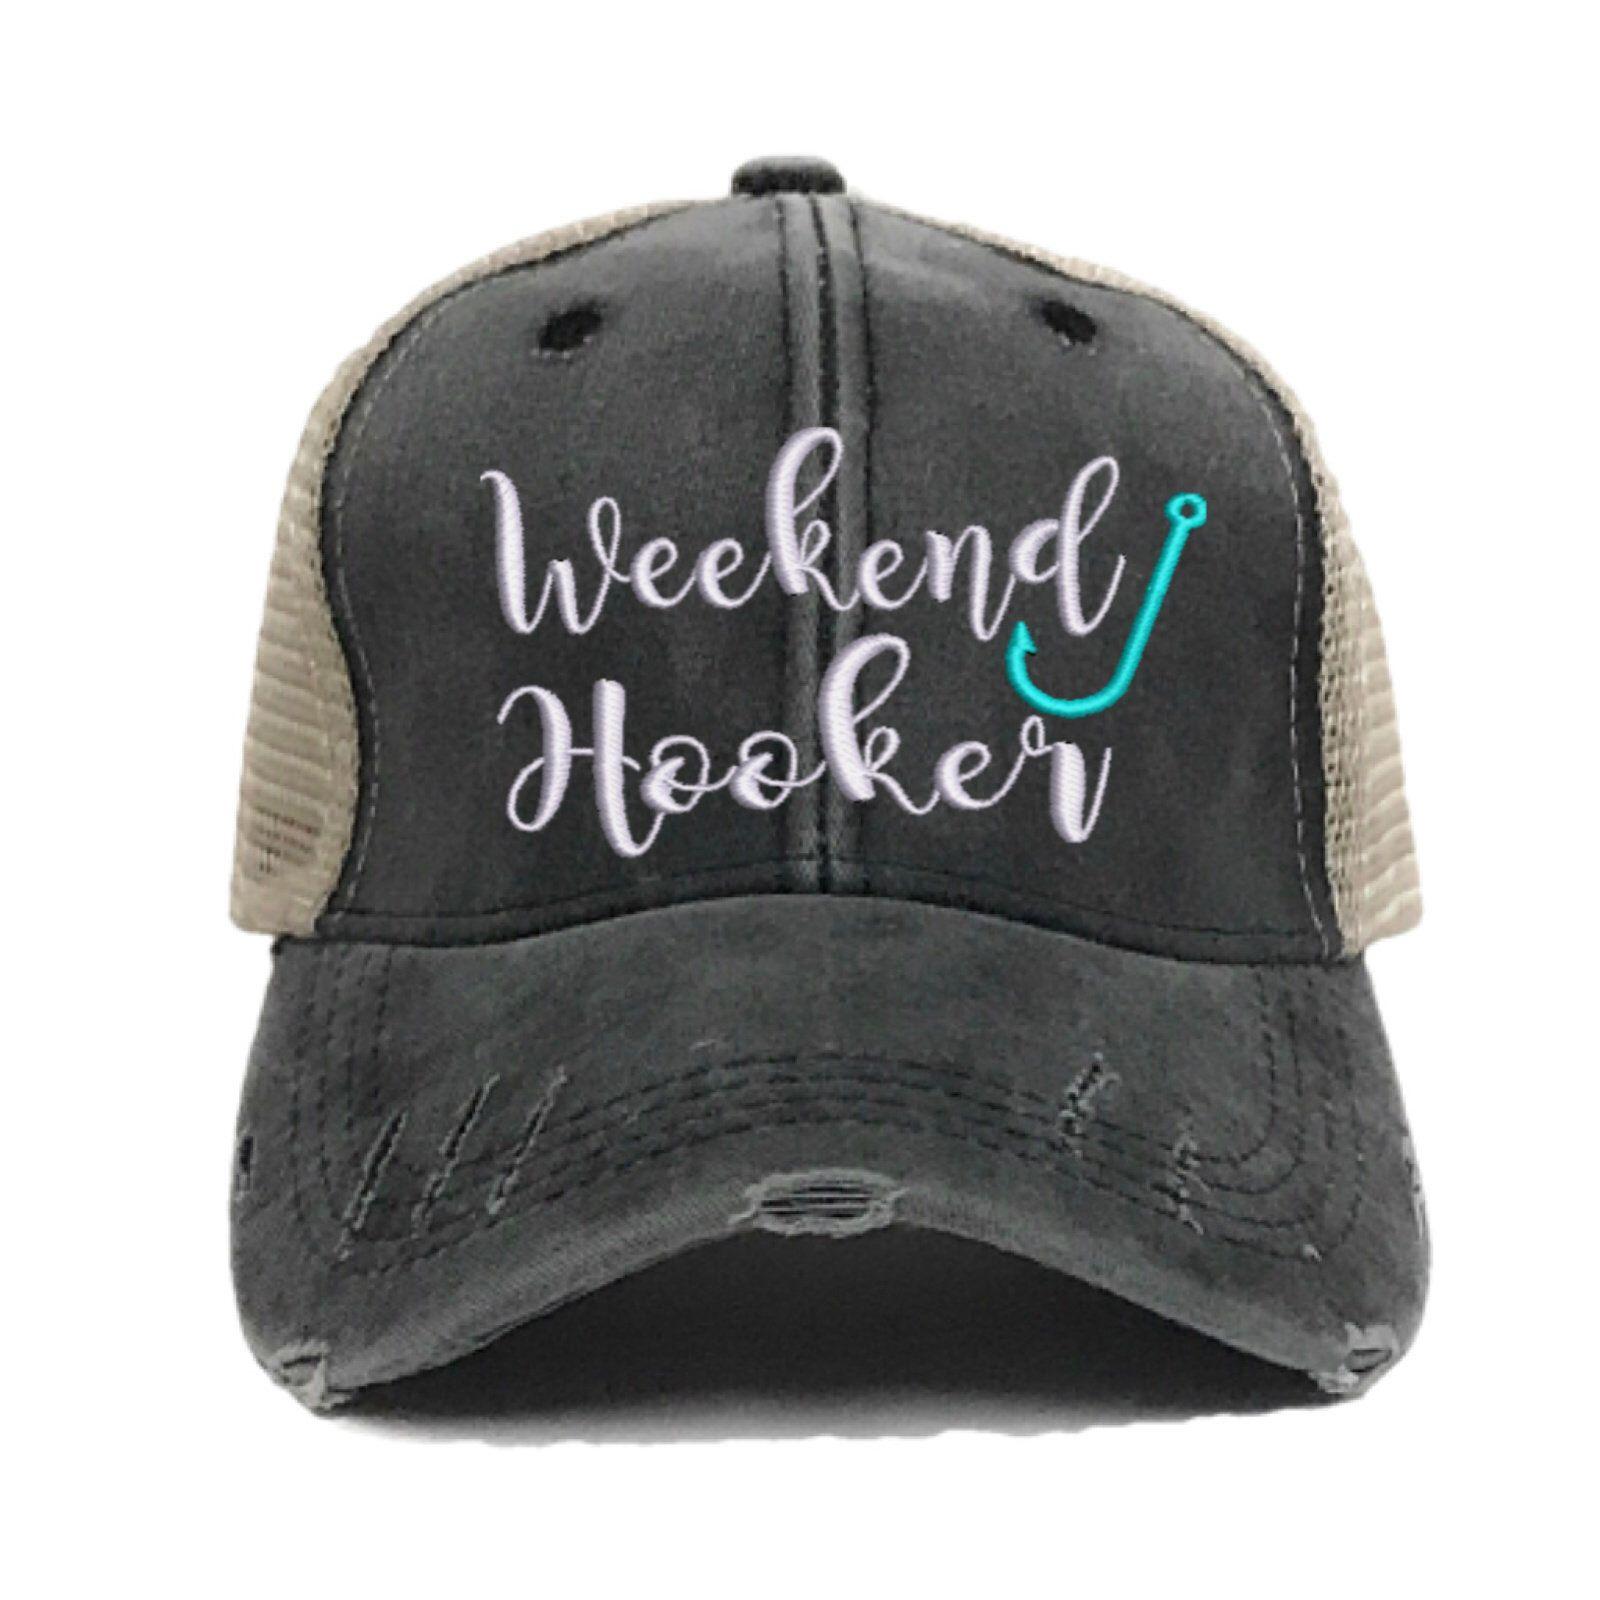 a7b7491dc Custom Hat - Weekend Hooker Fishing Trucker Hat - Script - Womens ...